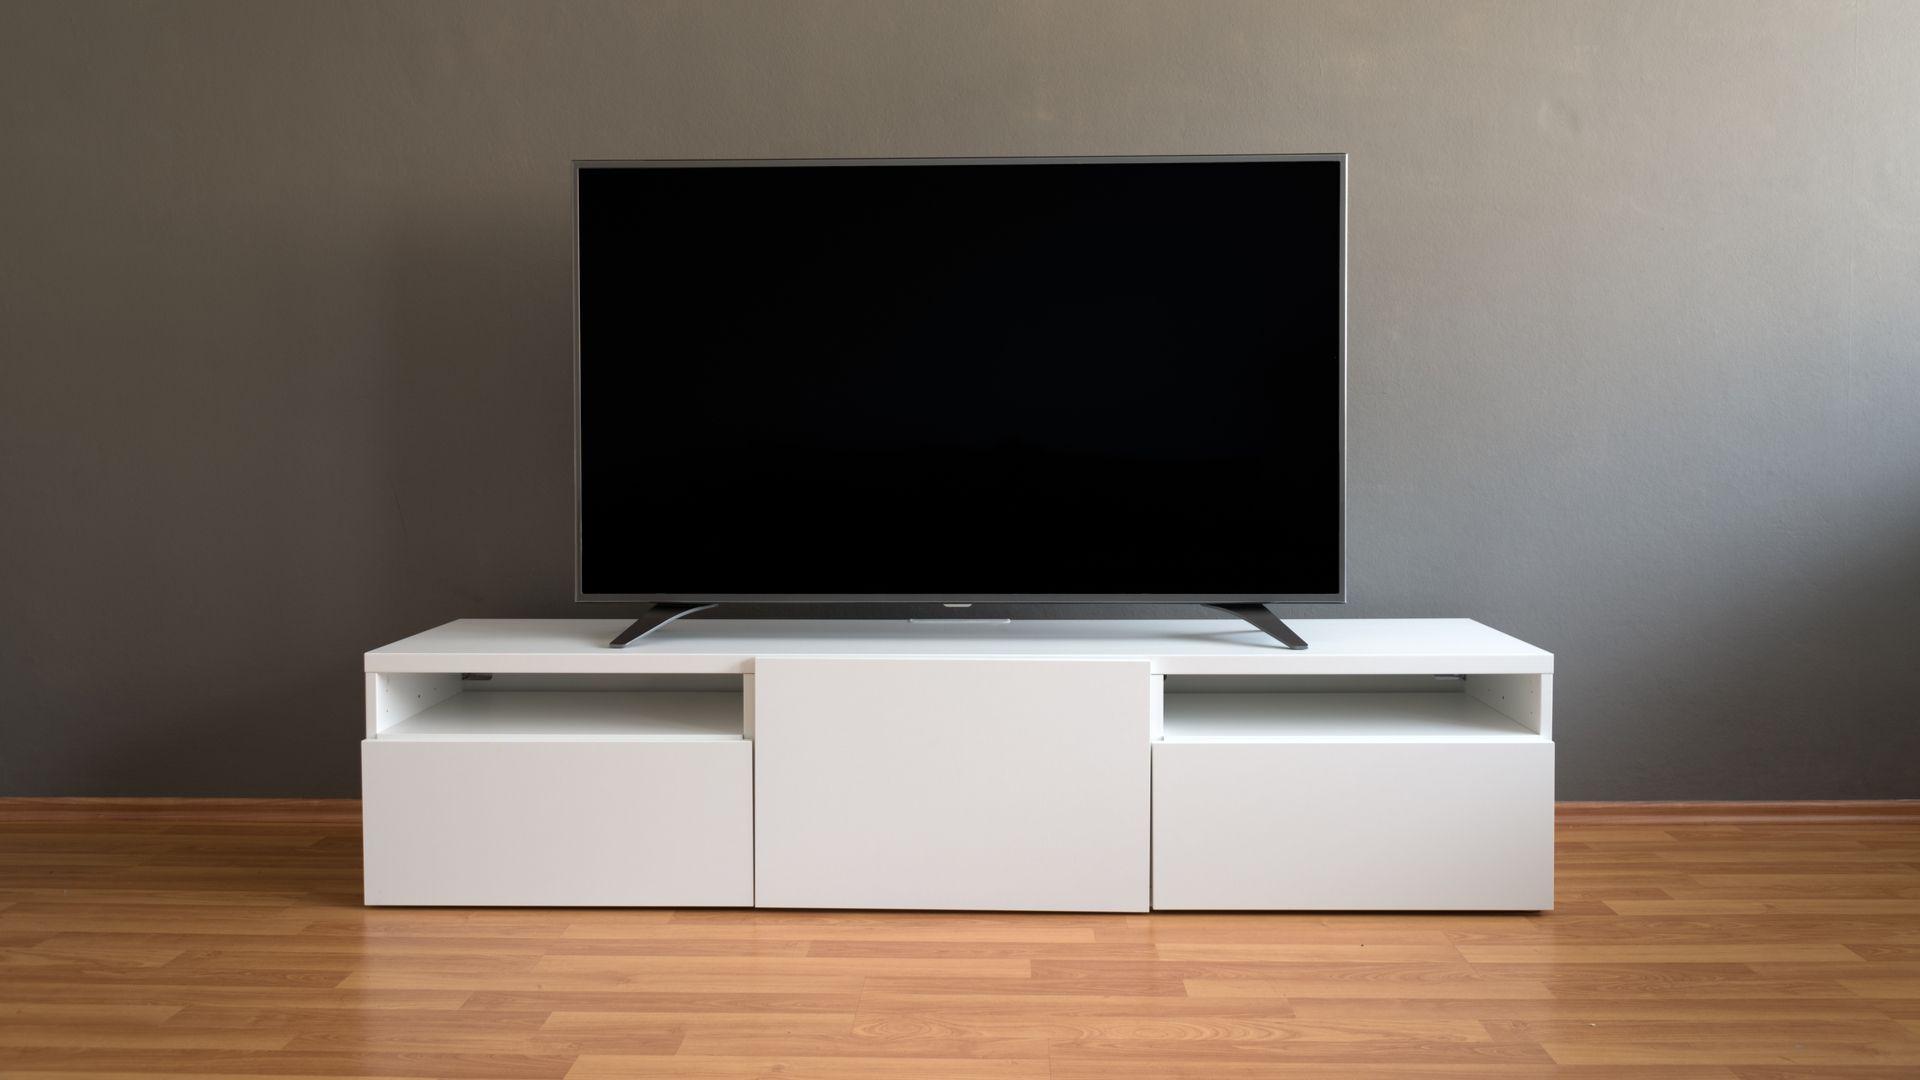 TVs LG ou Samsung? Veja qual é a melhor opção para você (Foto: Shutterstock)